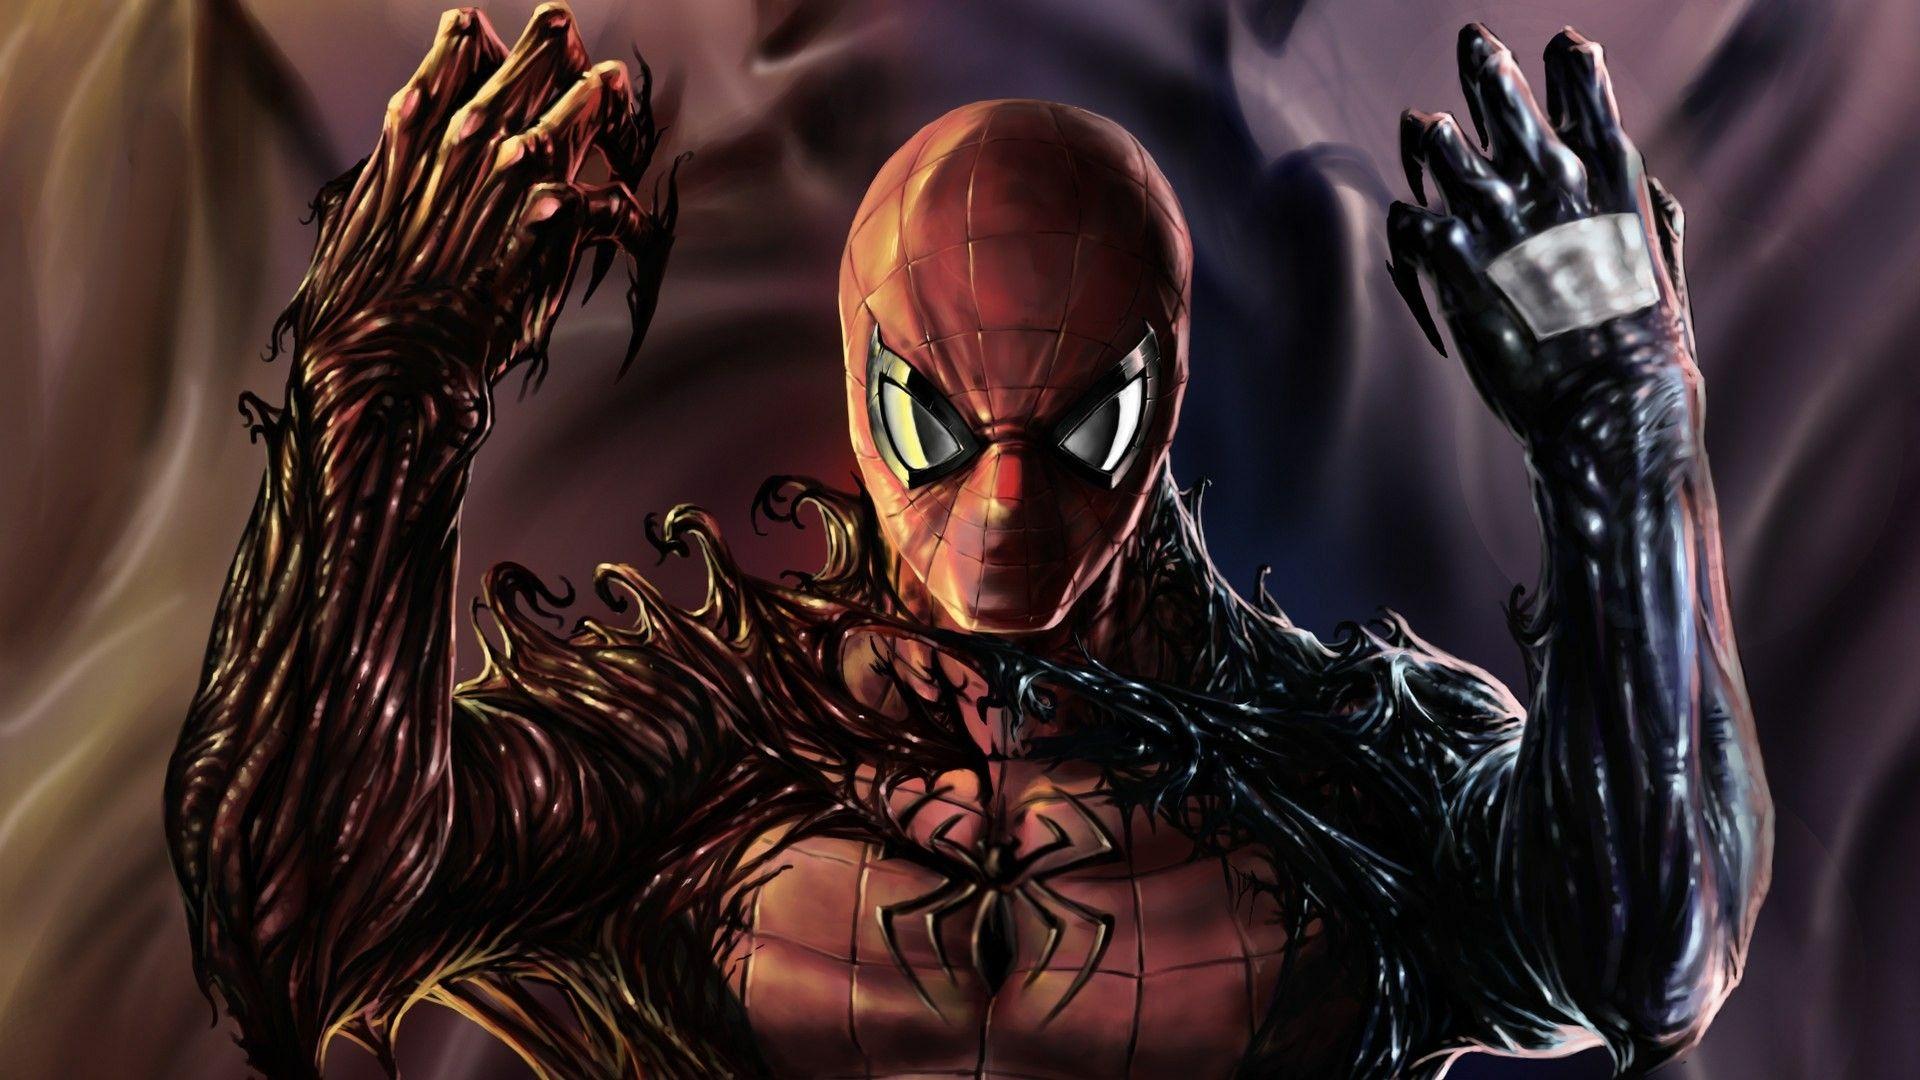 Spiderman Y Los Simbiontes De Carnage Y Venom Spiderman